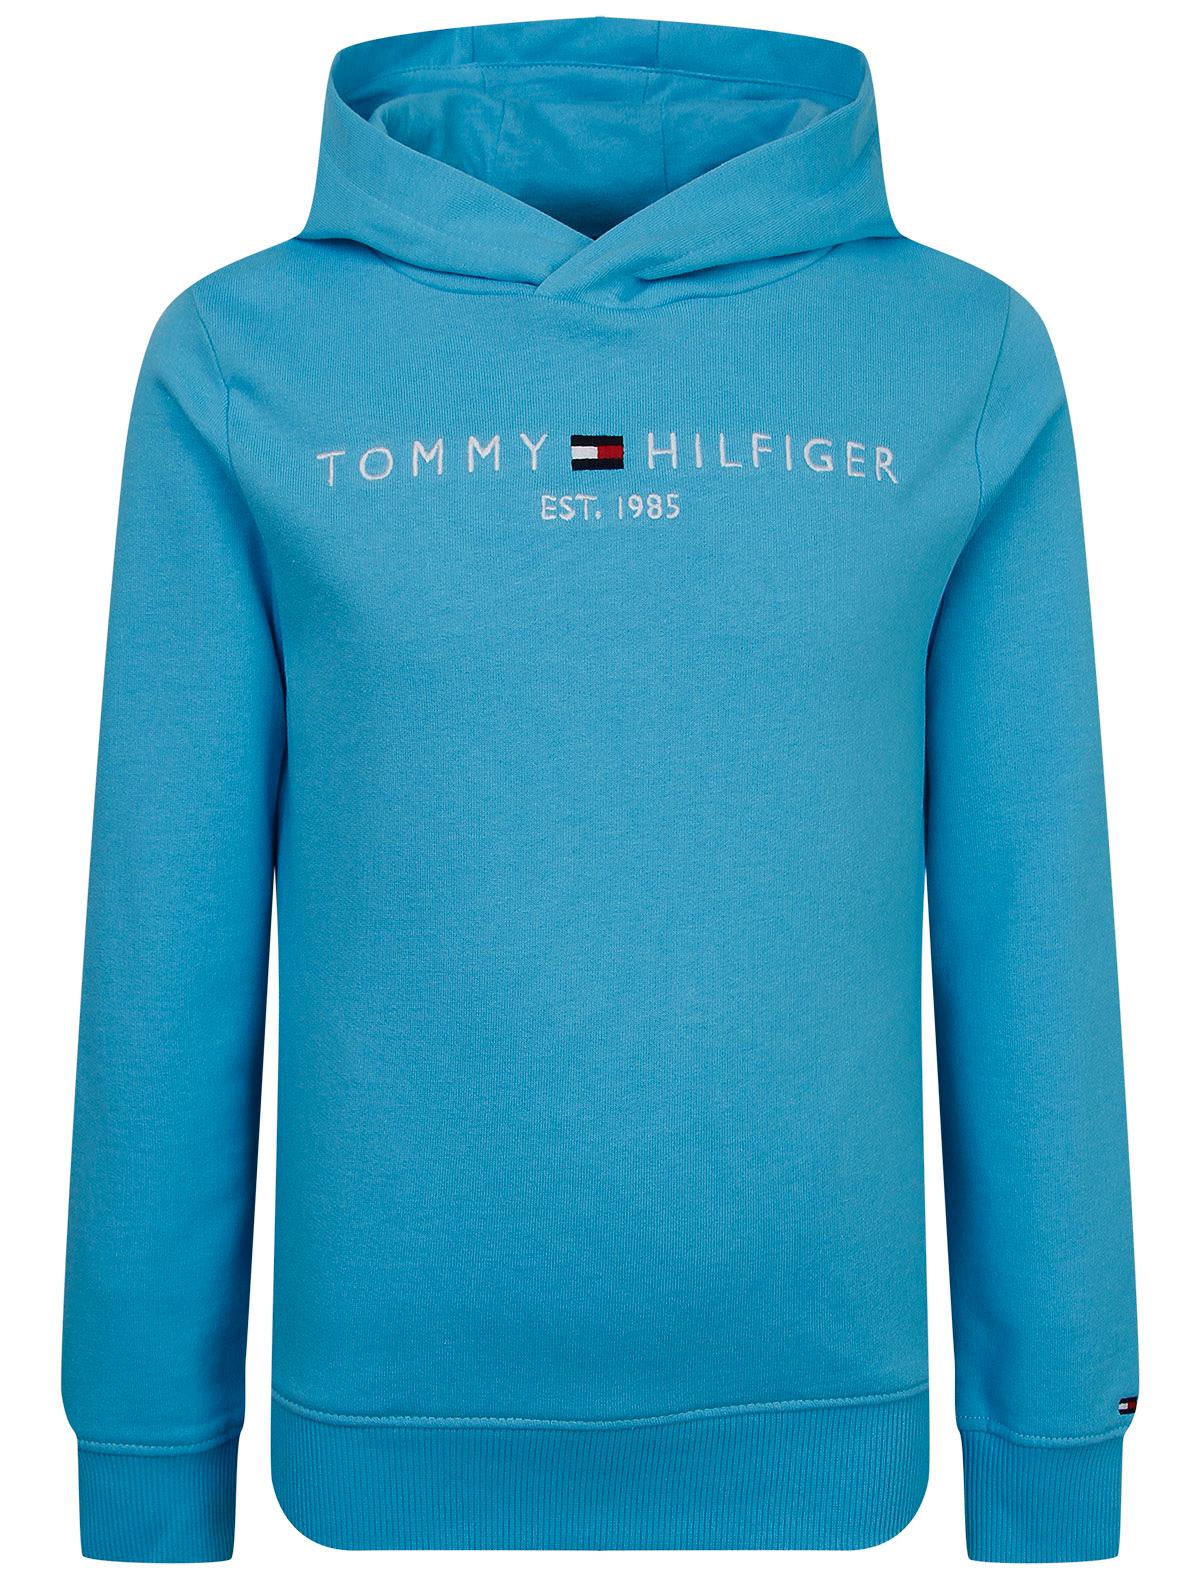 Купить 2312976, Свитшот TOMMY HILFIGER, голубой, 0084529171854